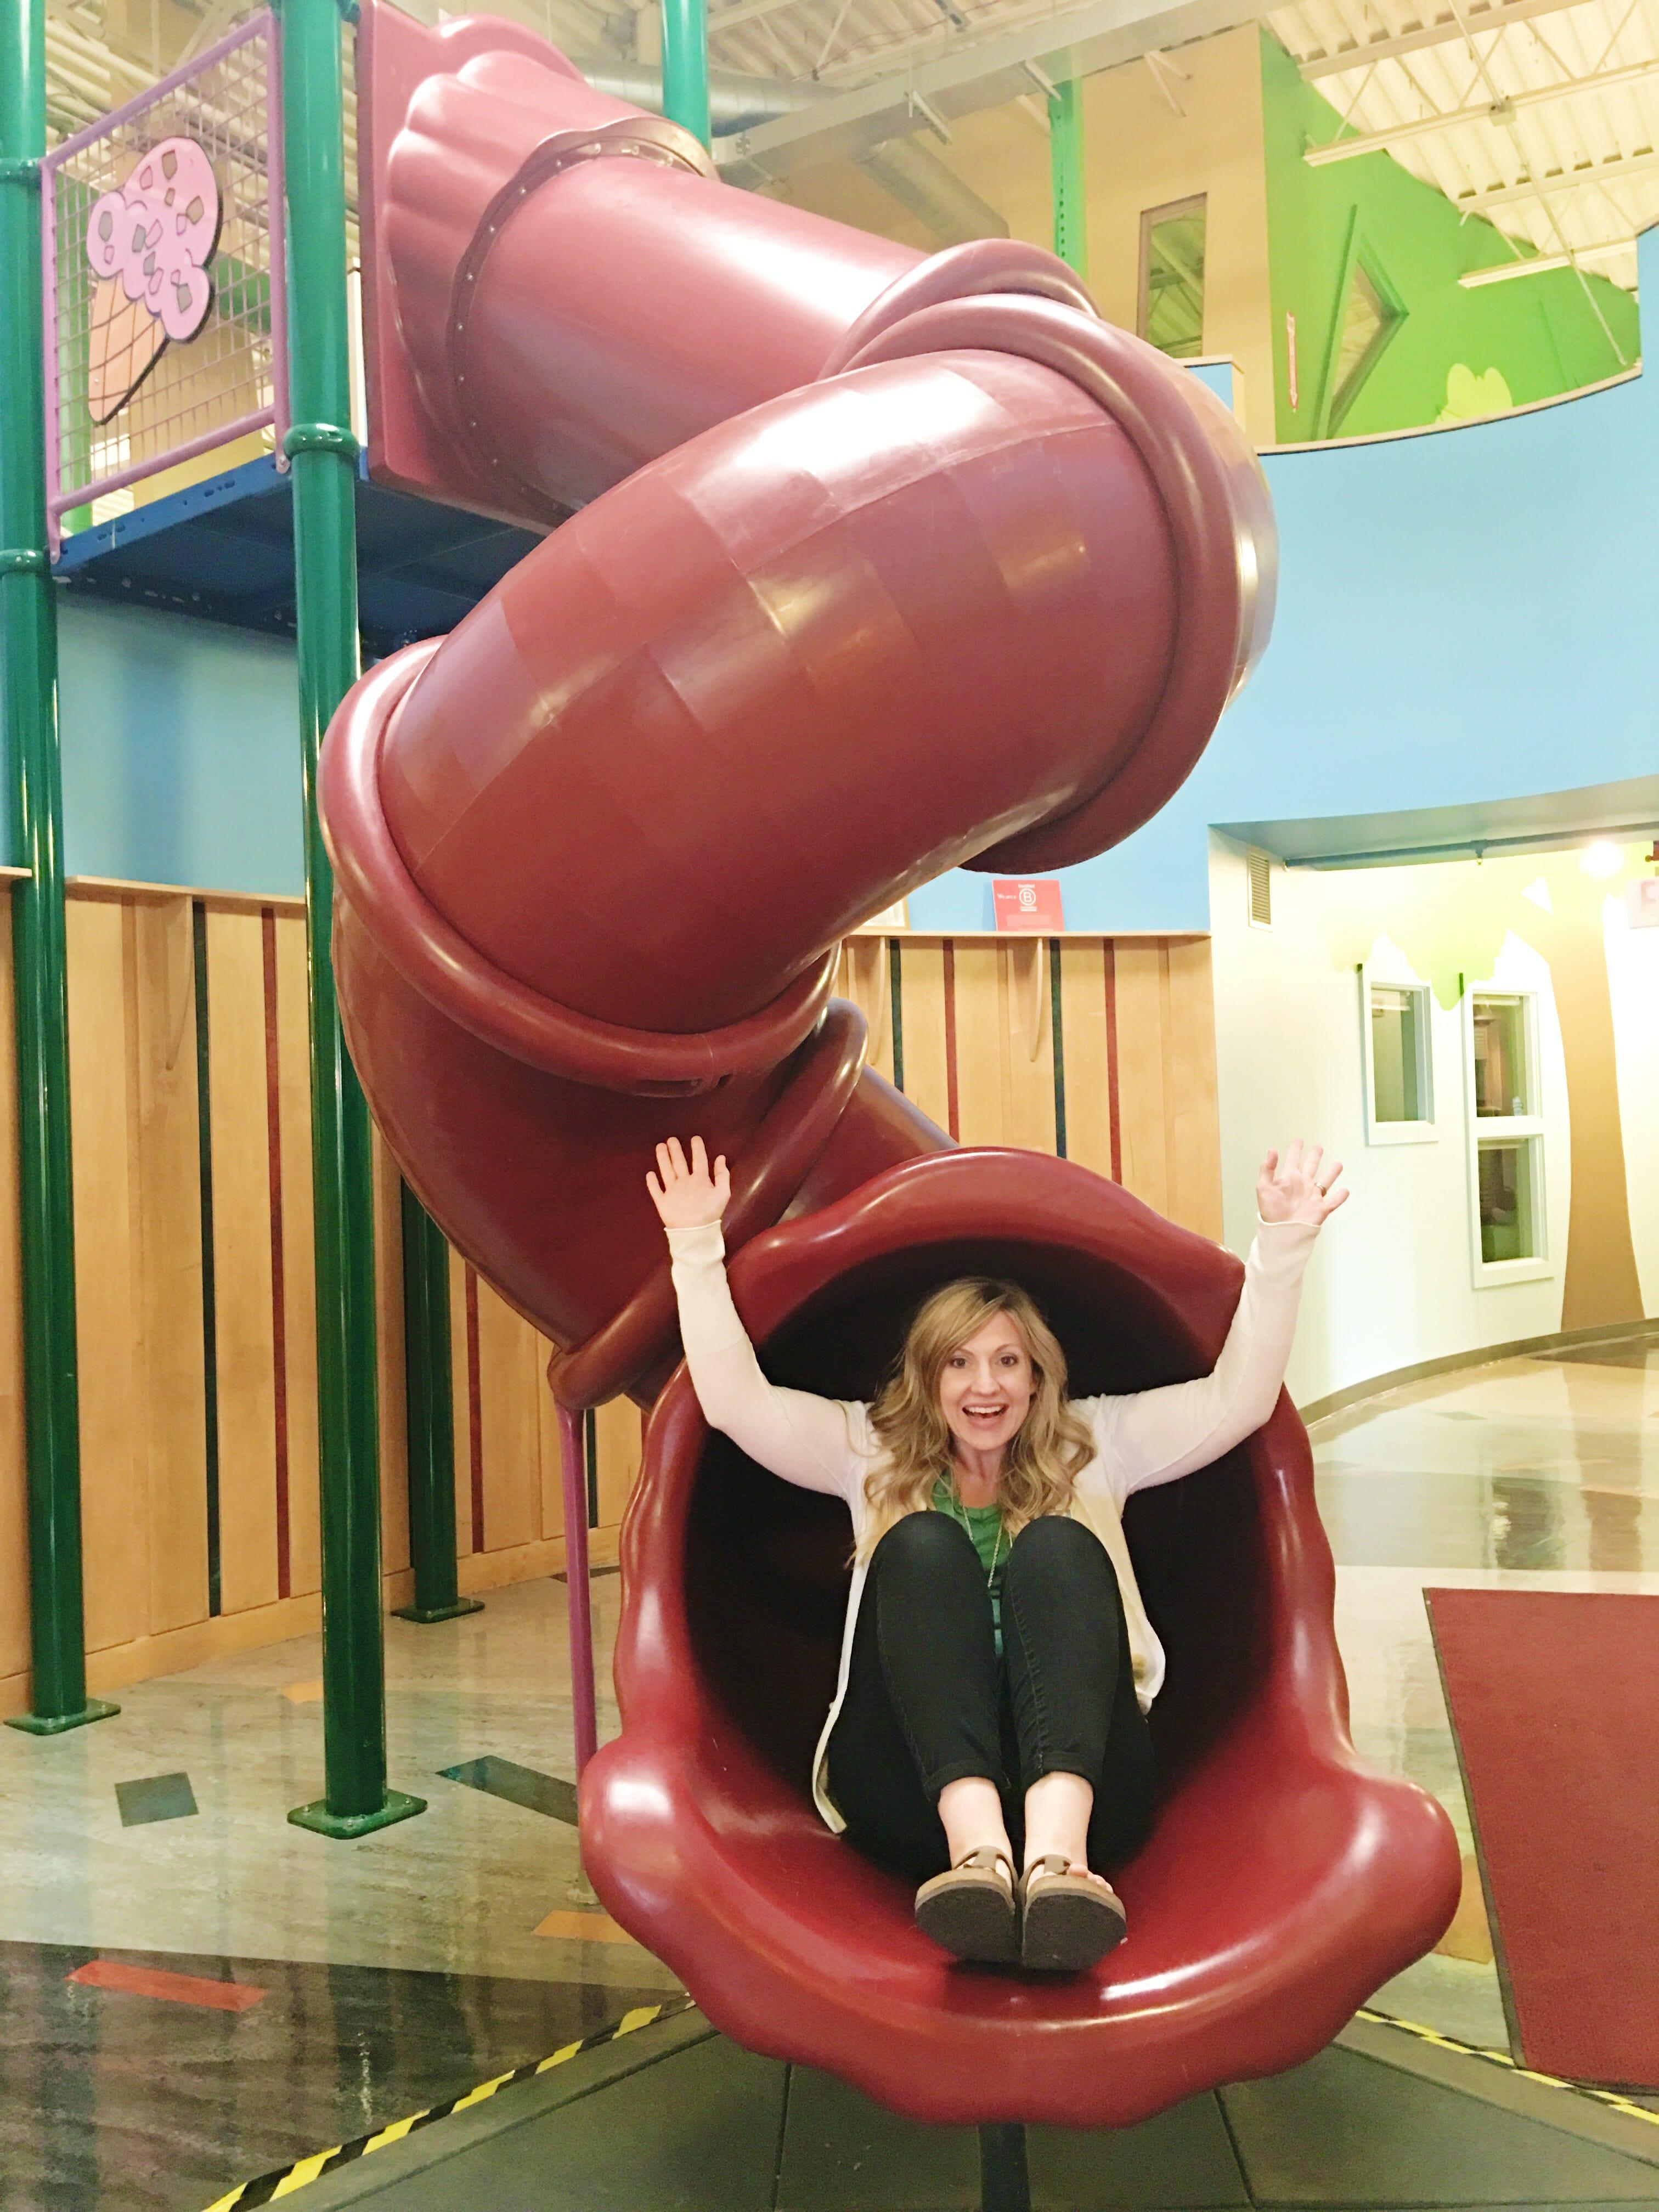 sara on slide